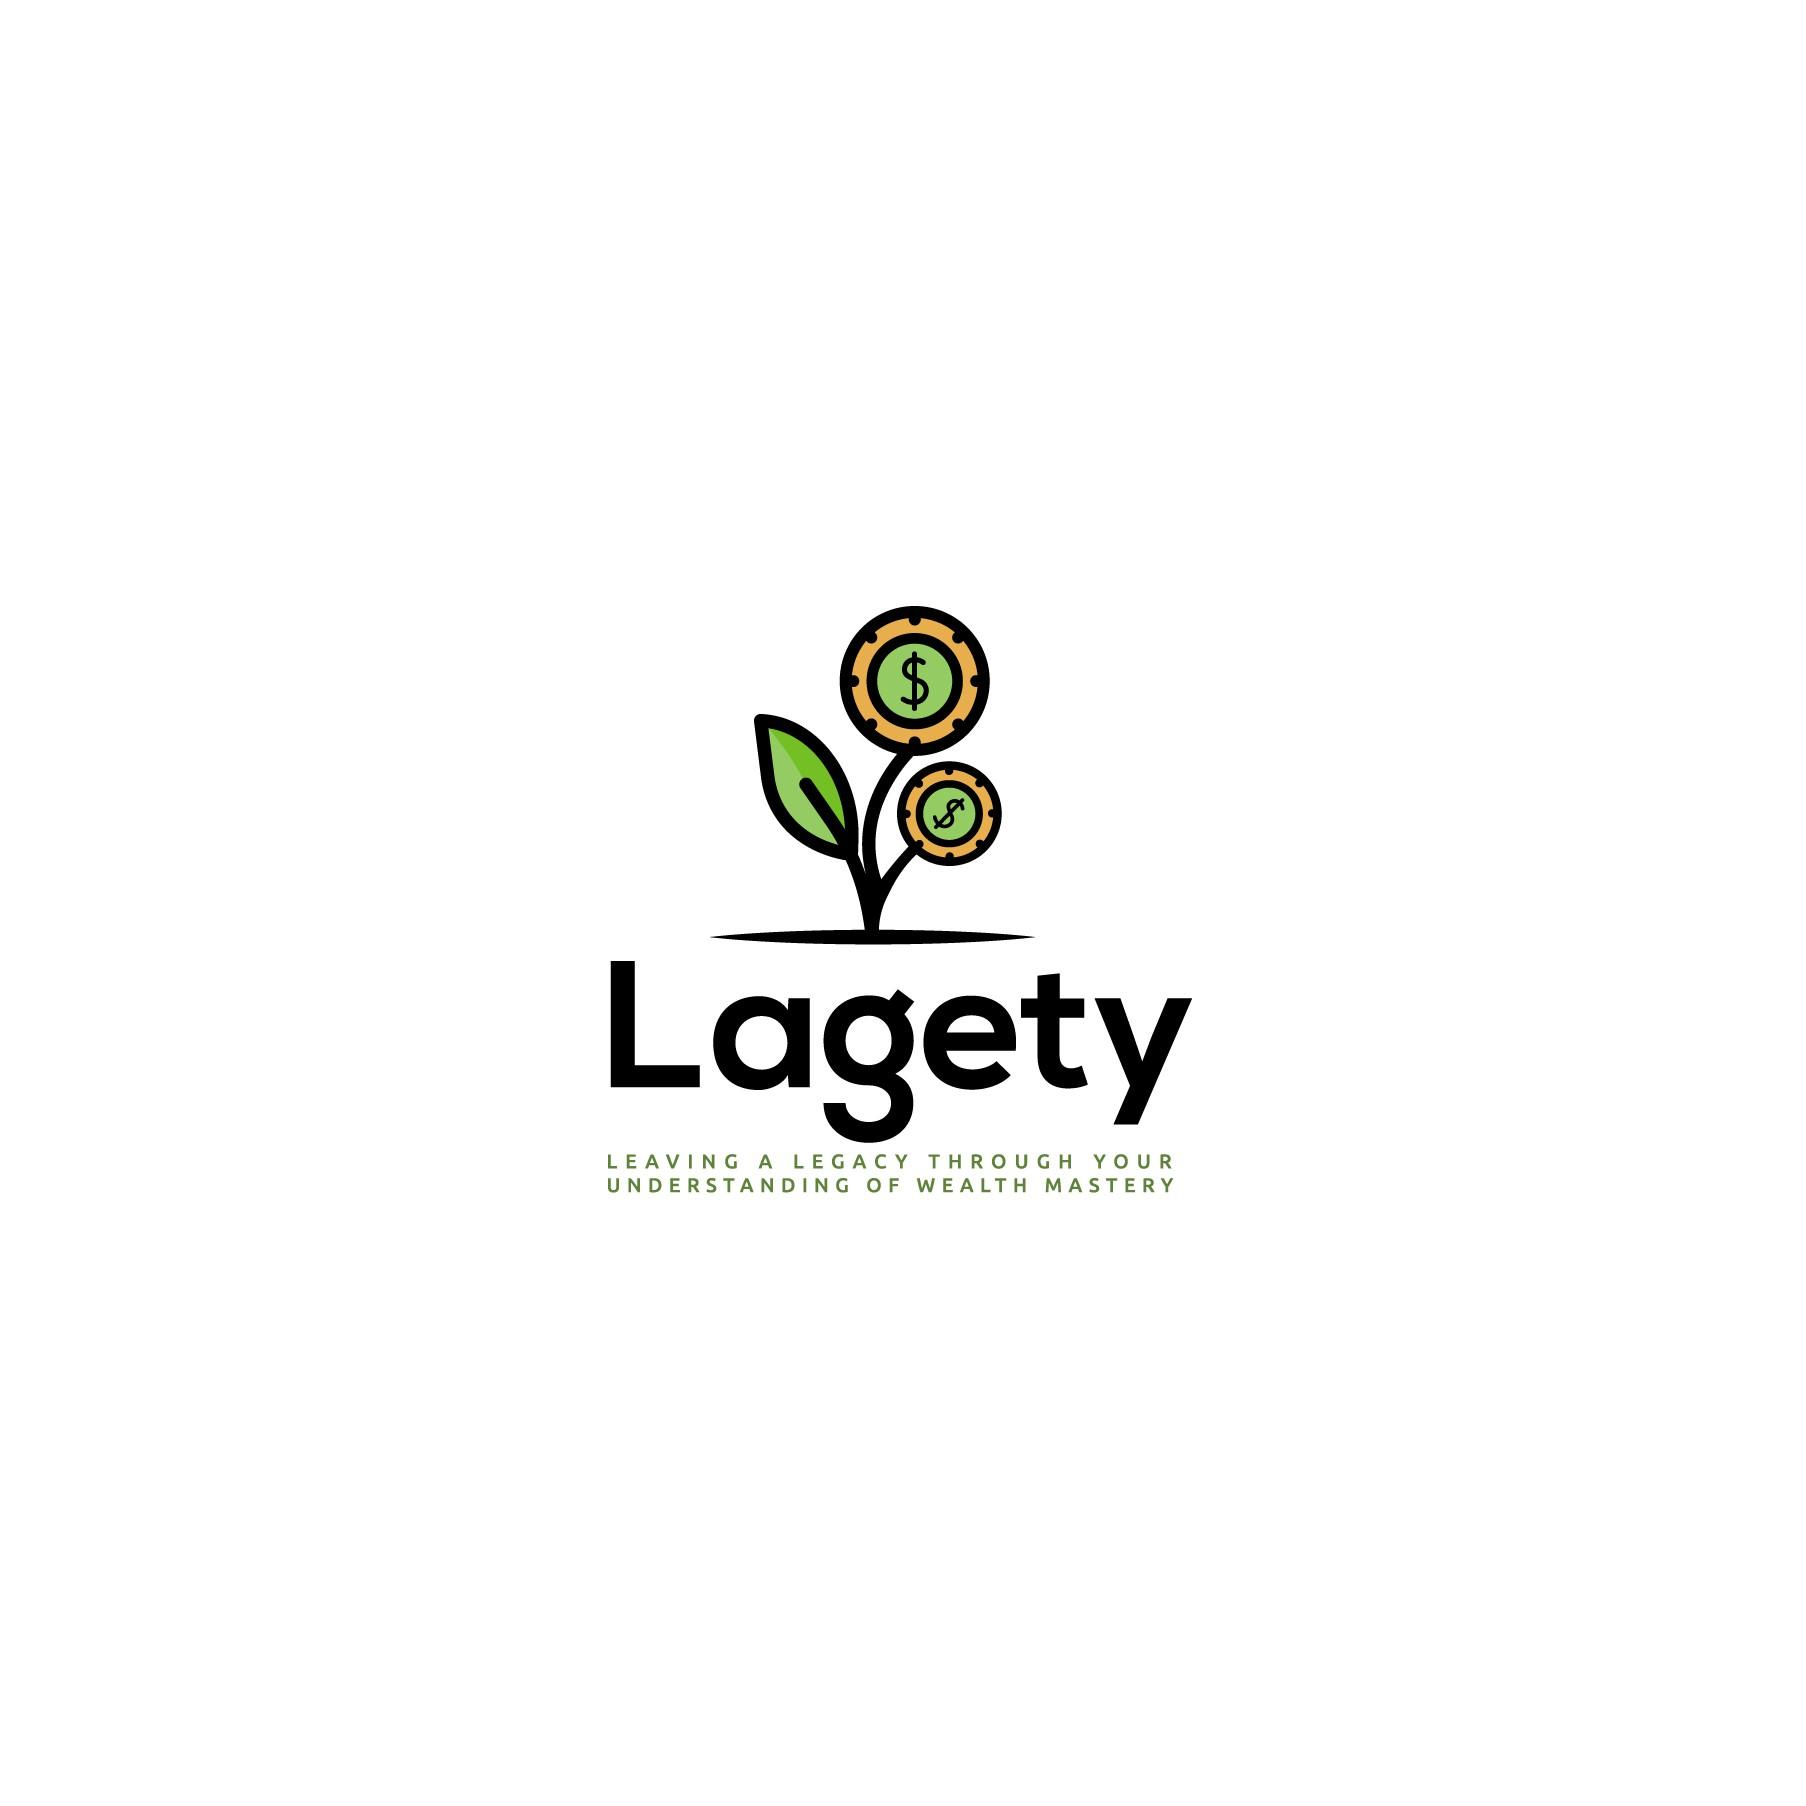 Lagety